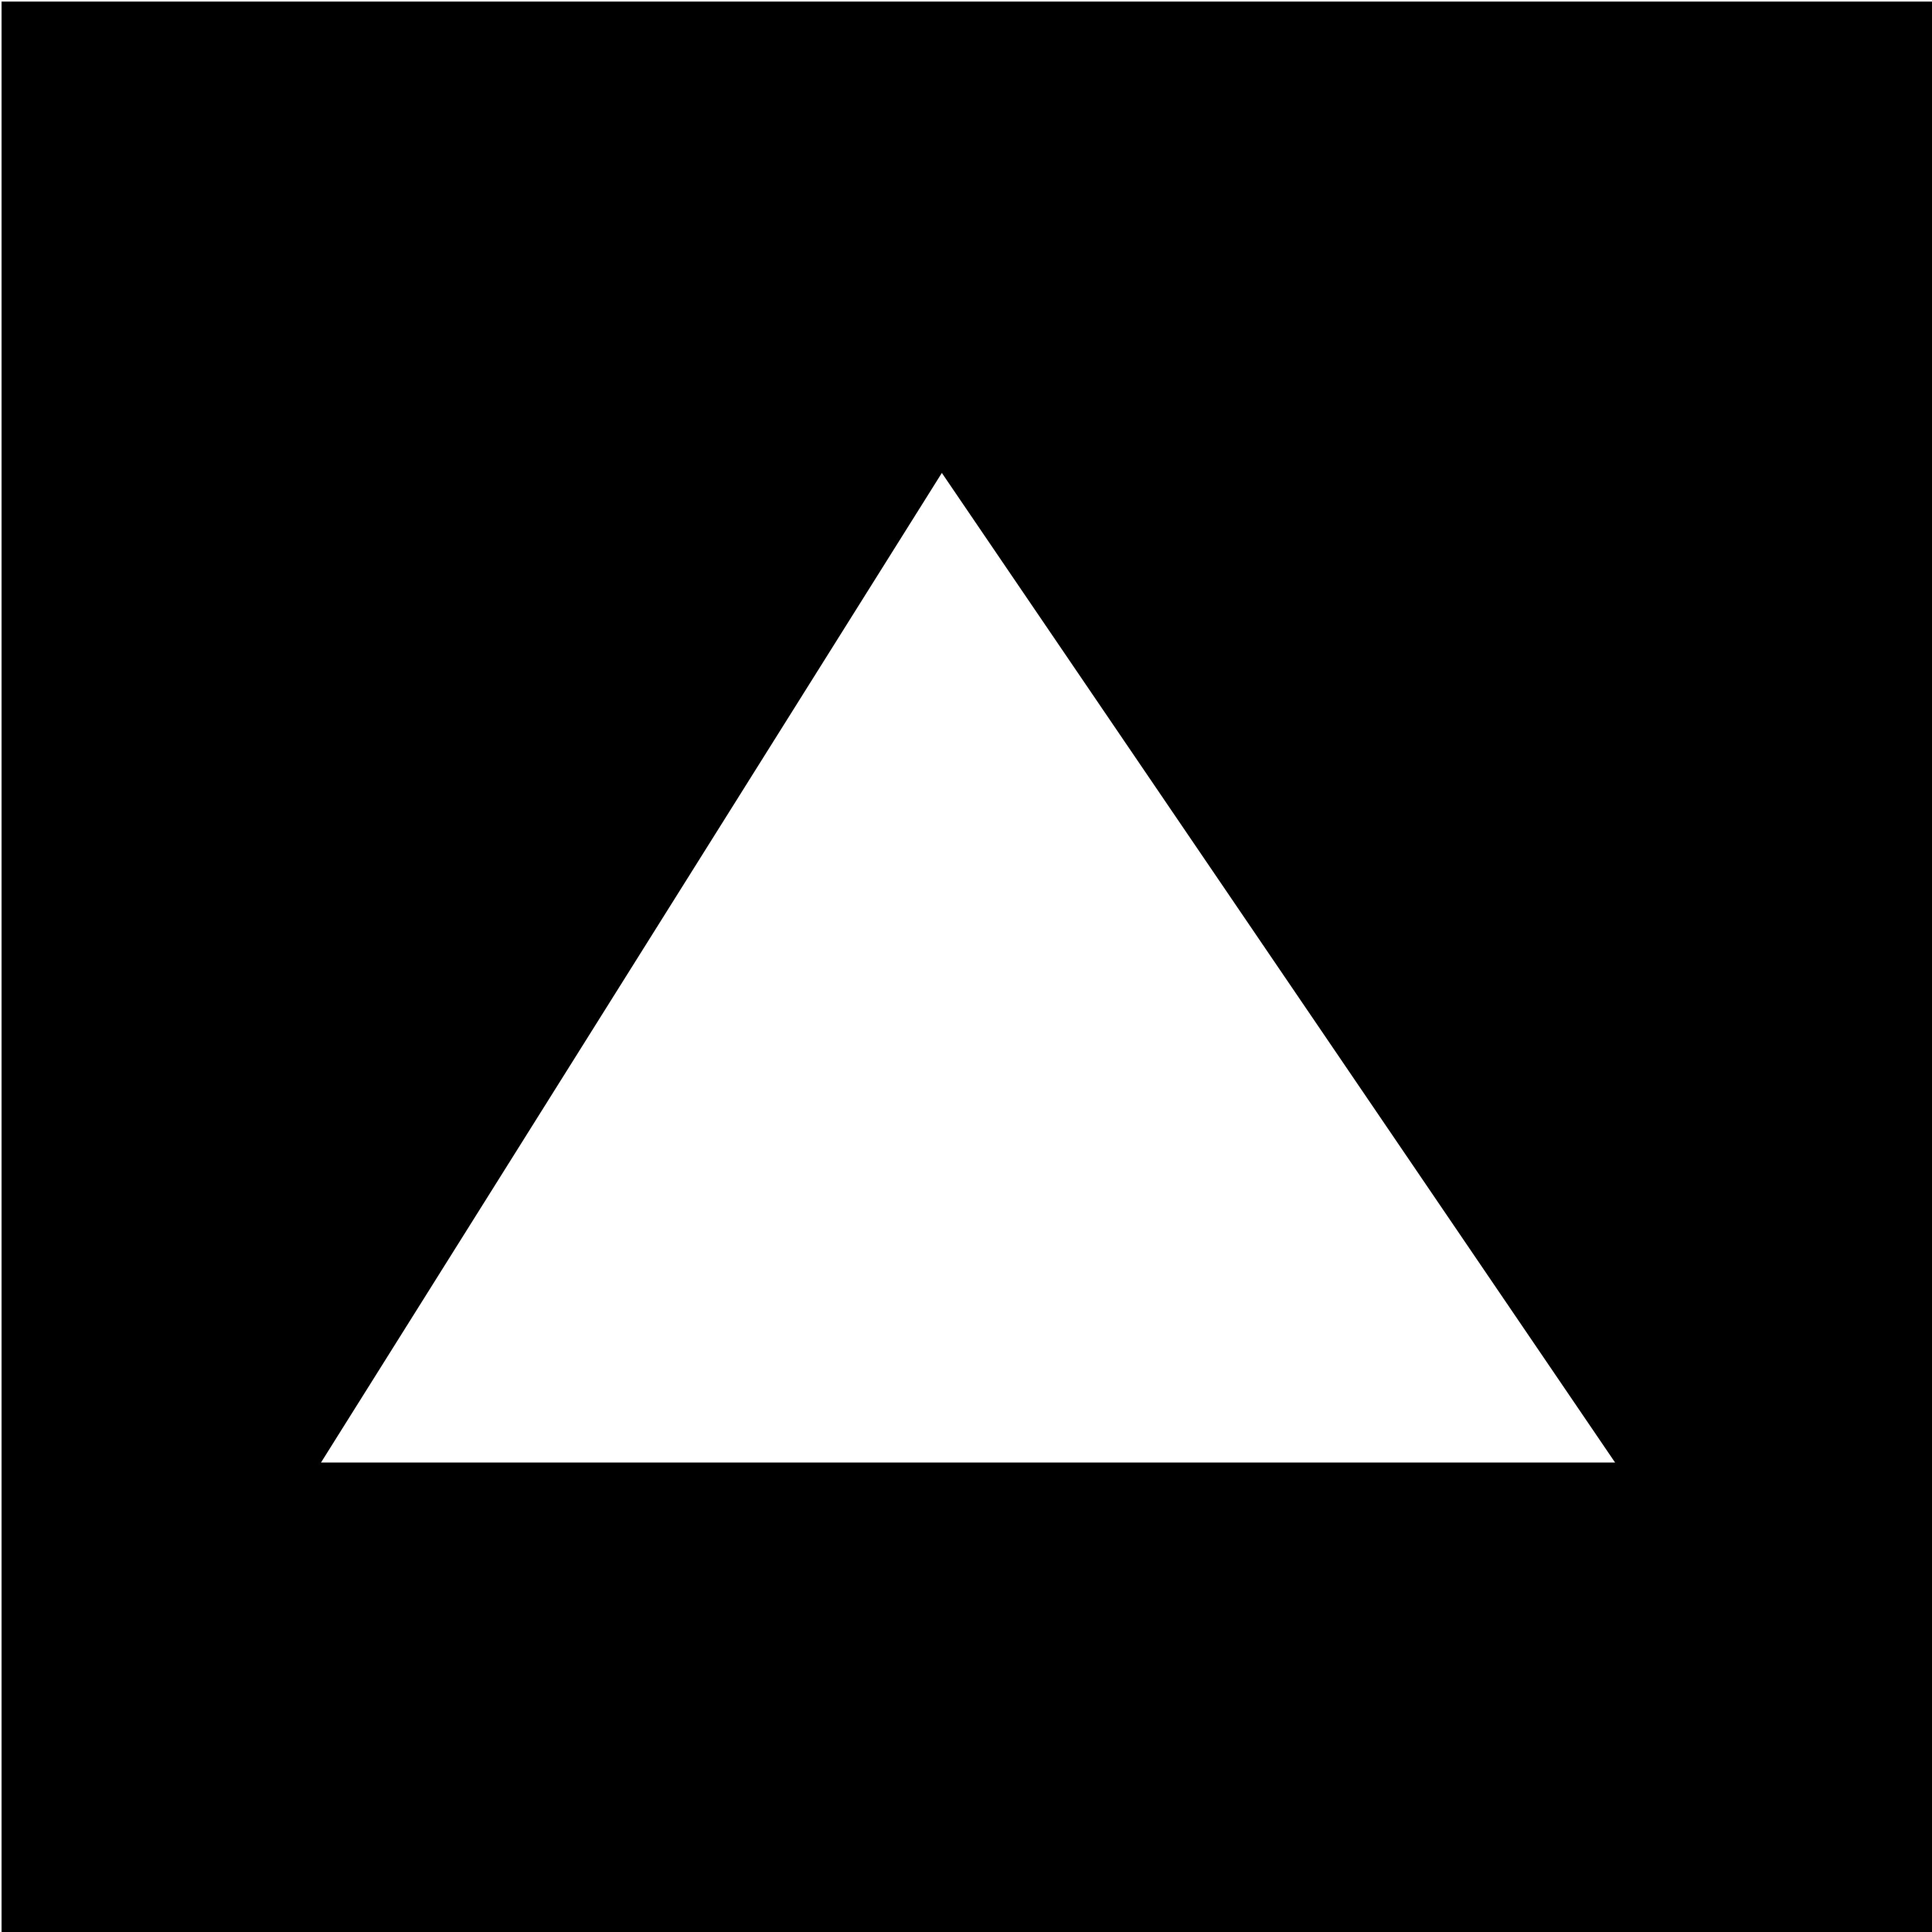 Triangle Icon Vector Illustration